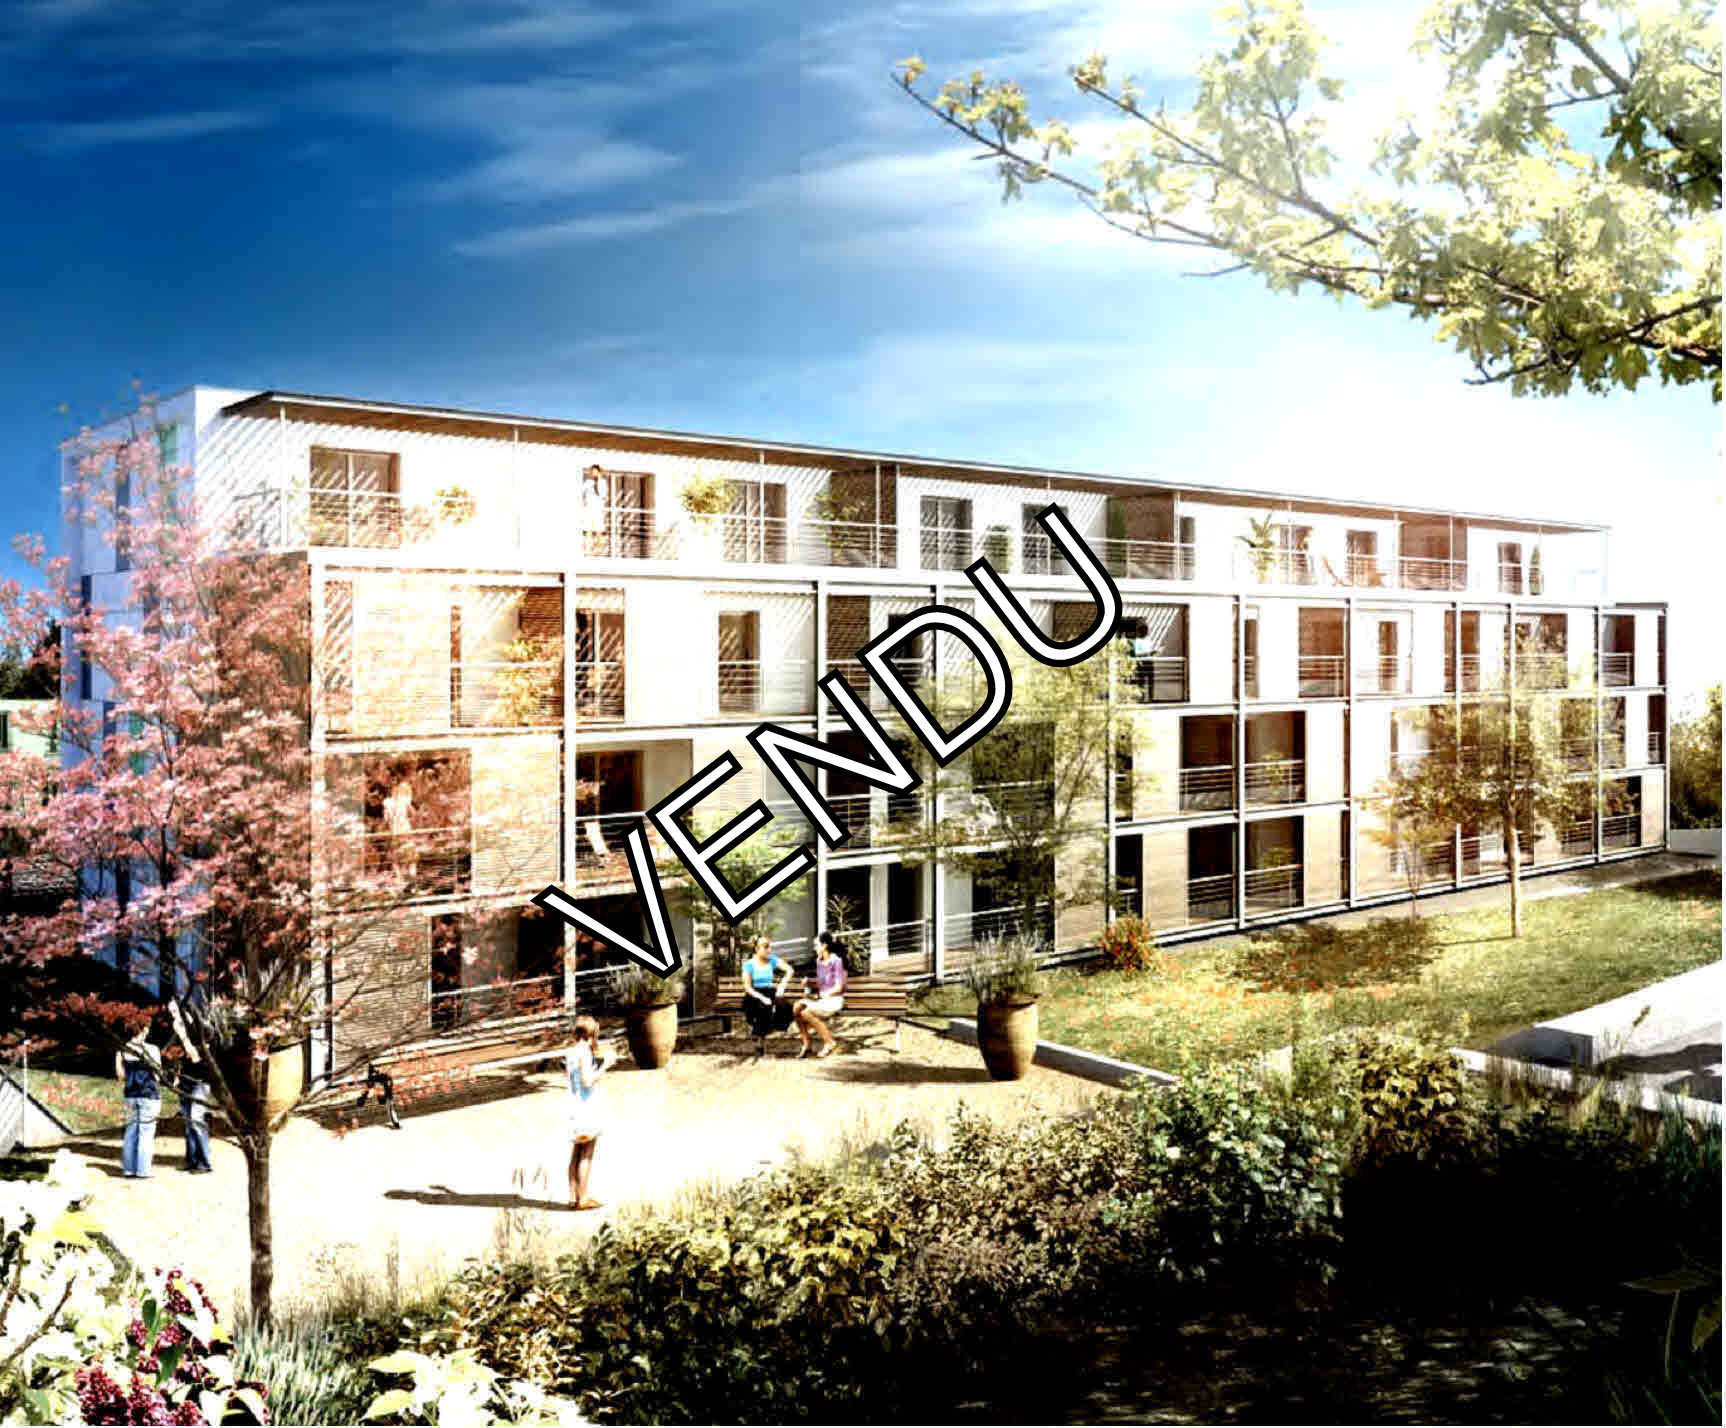 appartement neuf brest saint marc 193 000 fai brest appartement maison dom immo. Black Bedroom Furniture Sets. Home Design Ideas